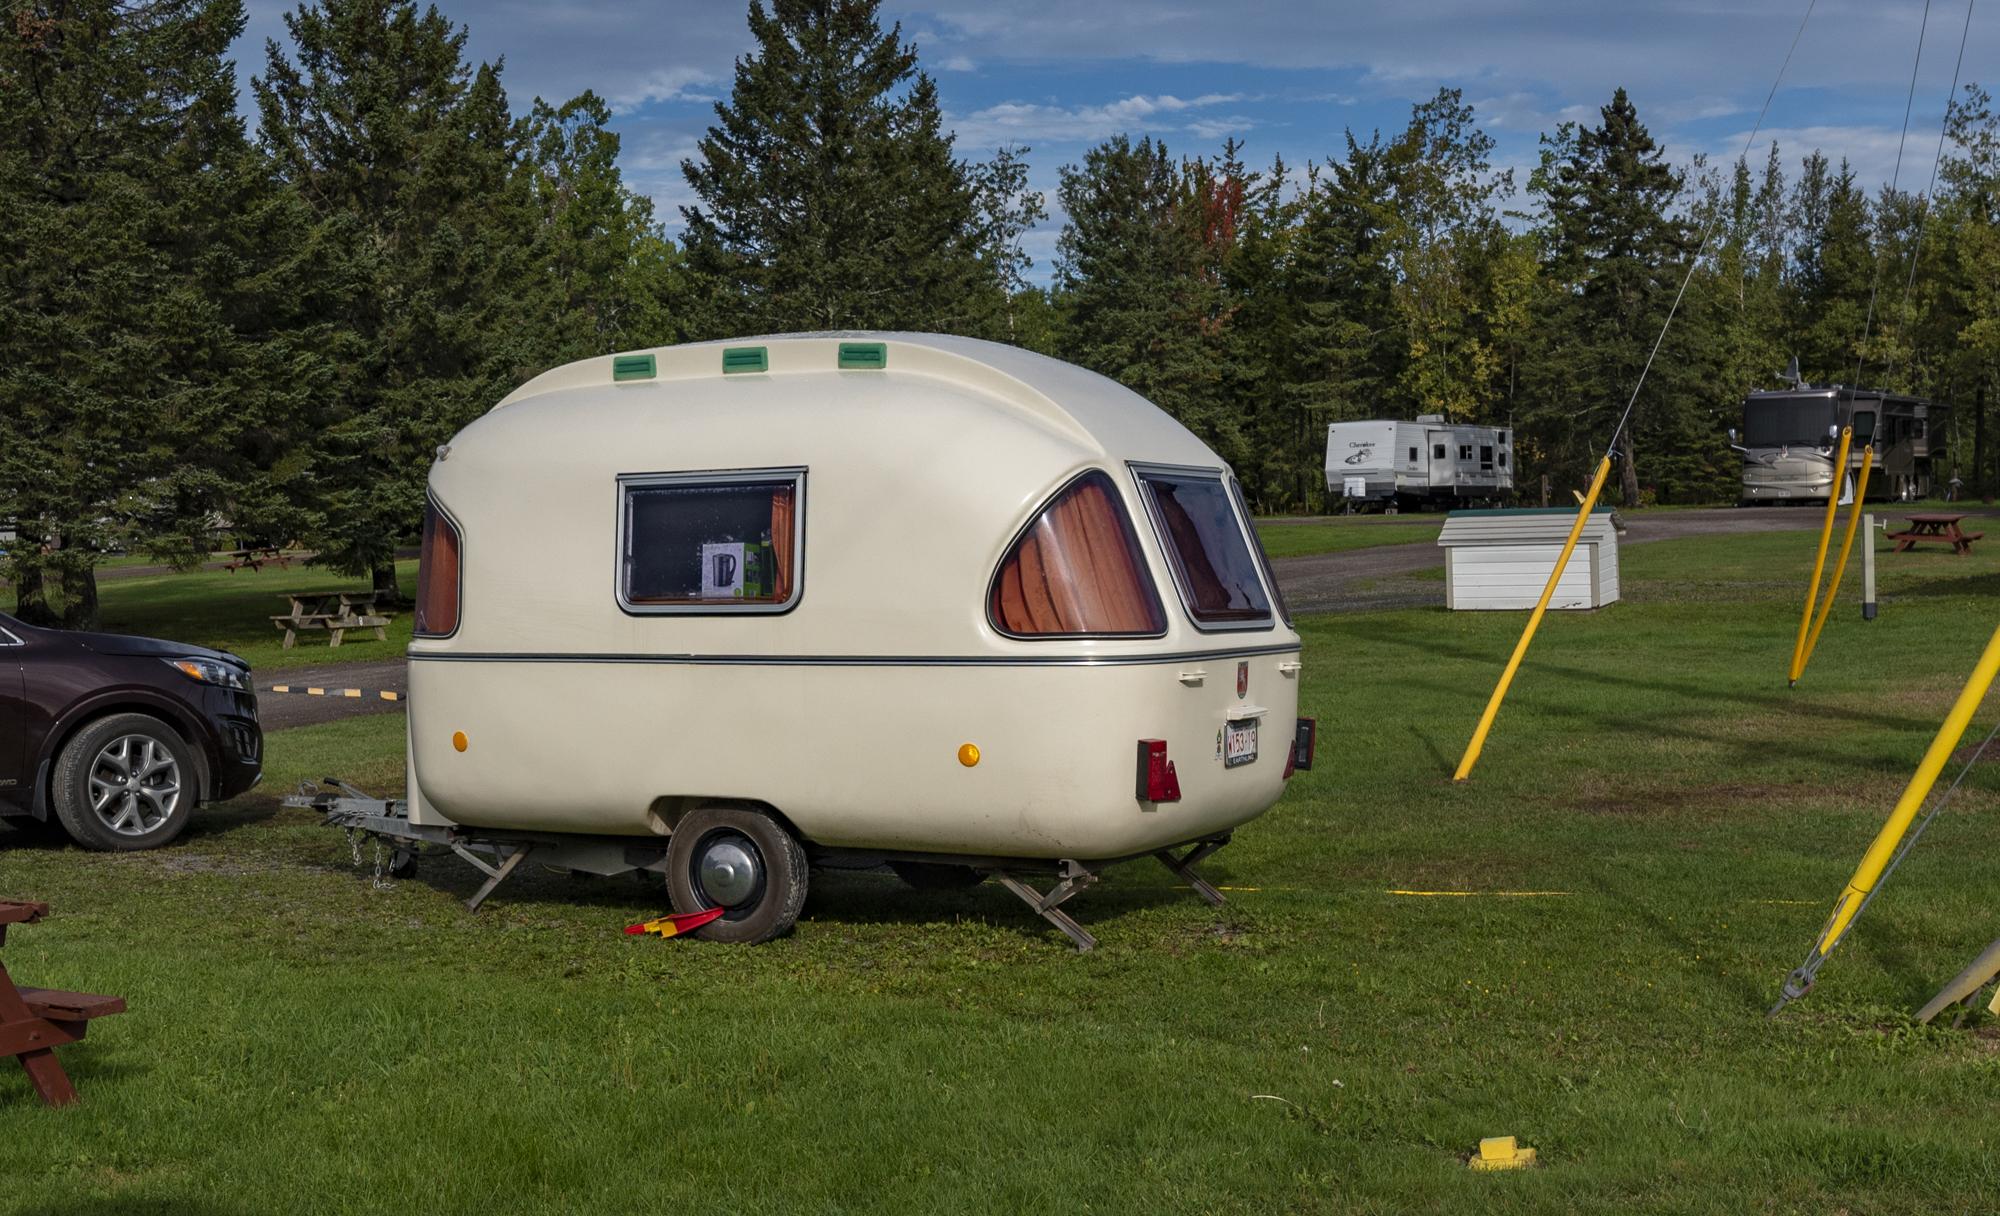 Cute little bubble-like trailer